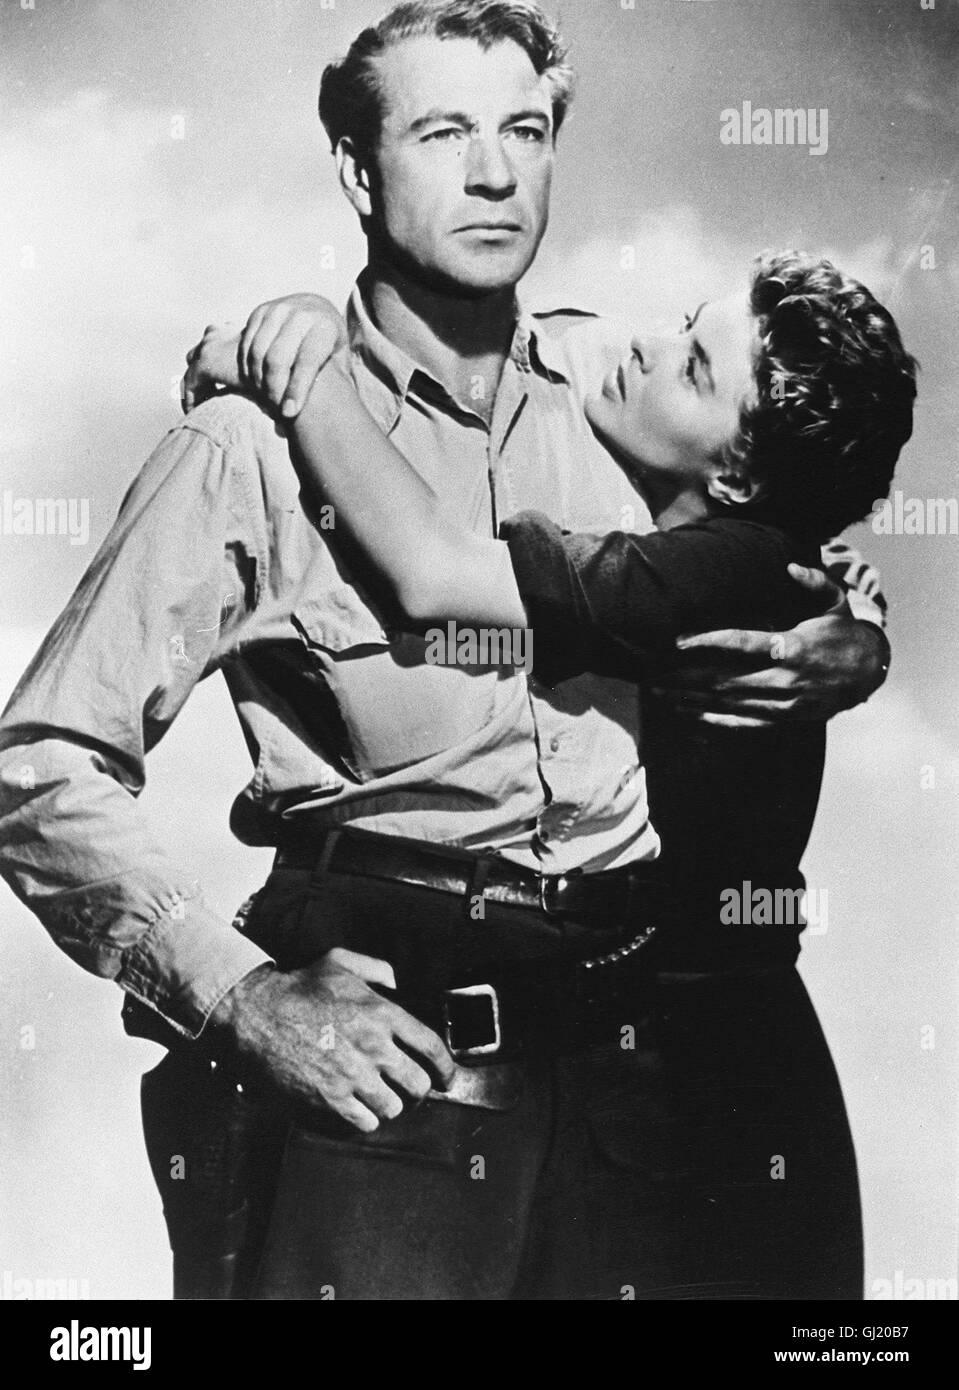 Wem die Stunde schlägt For whom the bell tolls USA 1943 - Sam Wood GARY COOPER, INGRID BERGMAN 1443 Regie: - Stock Image